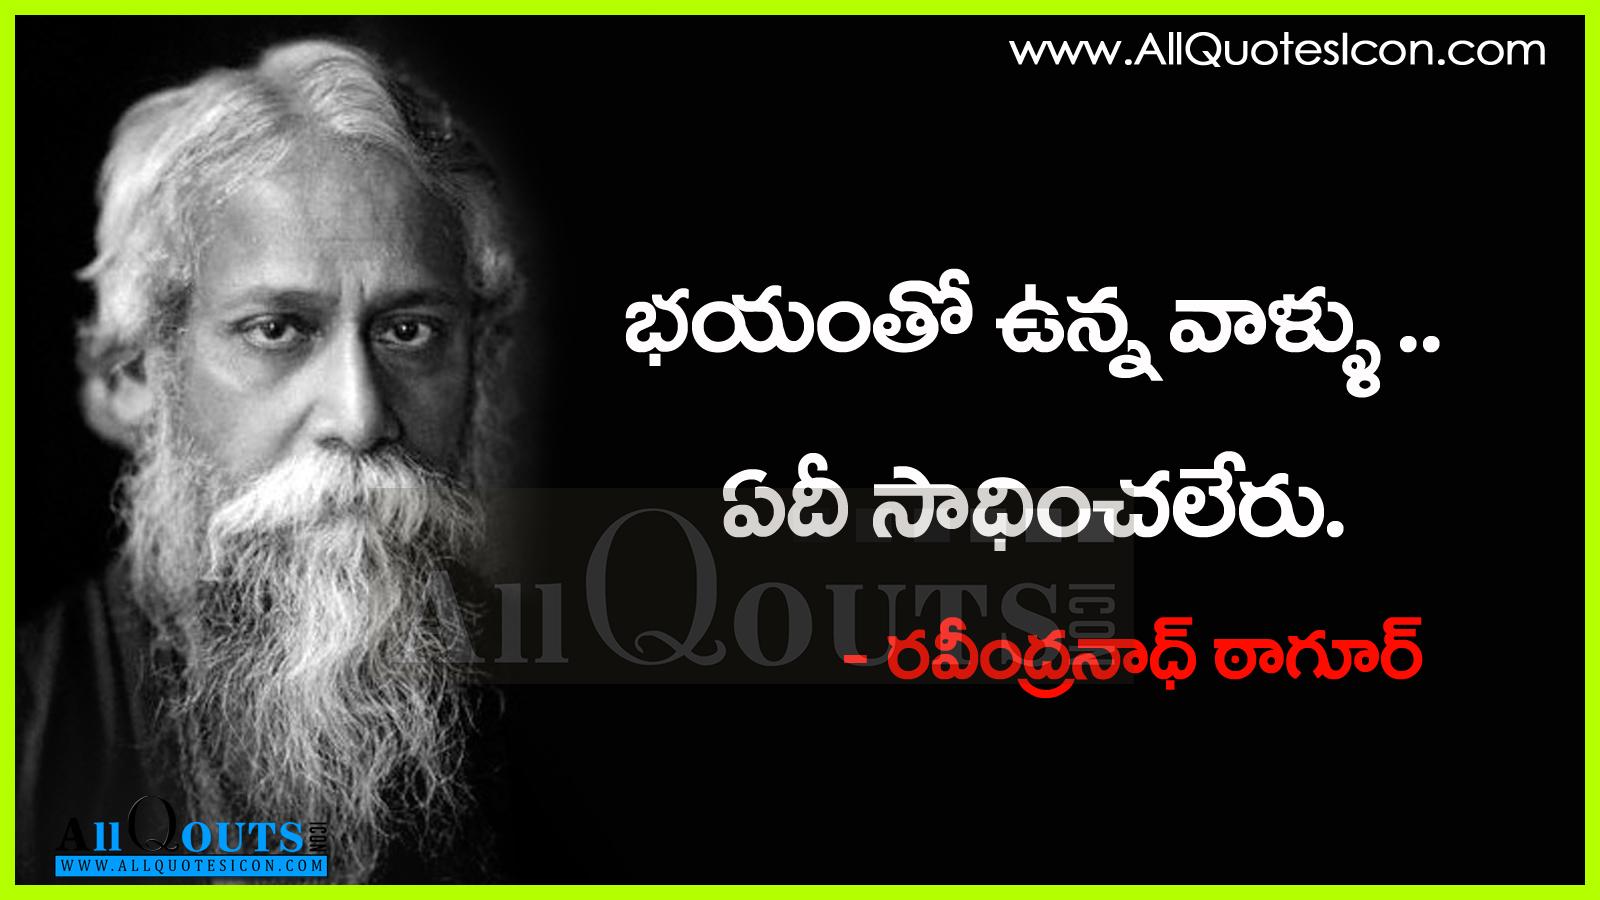 Rabindranath Tagore Telugu Quotes And Sayings Hd Wallpapers Nice